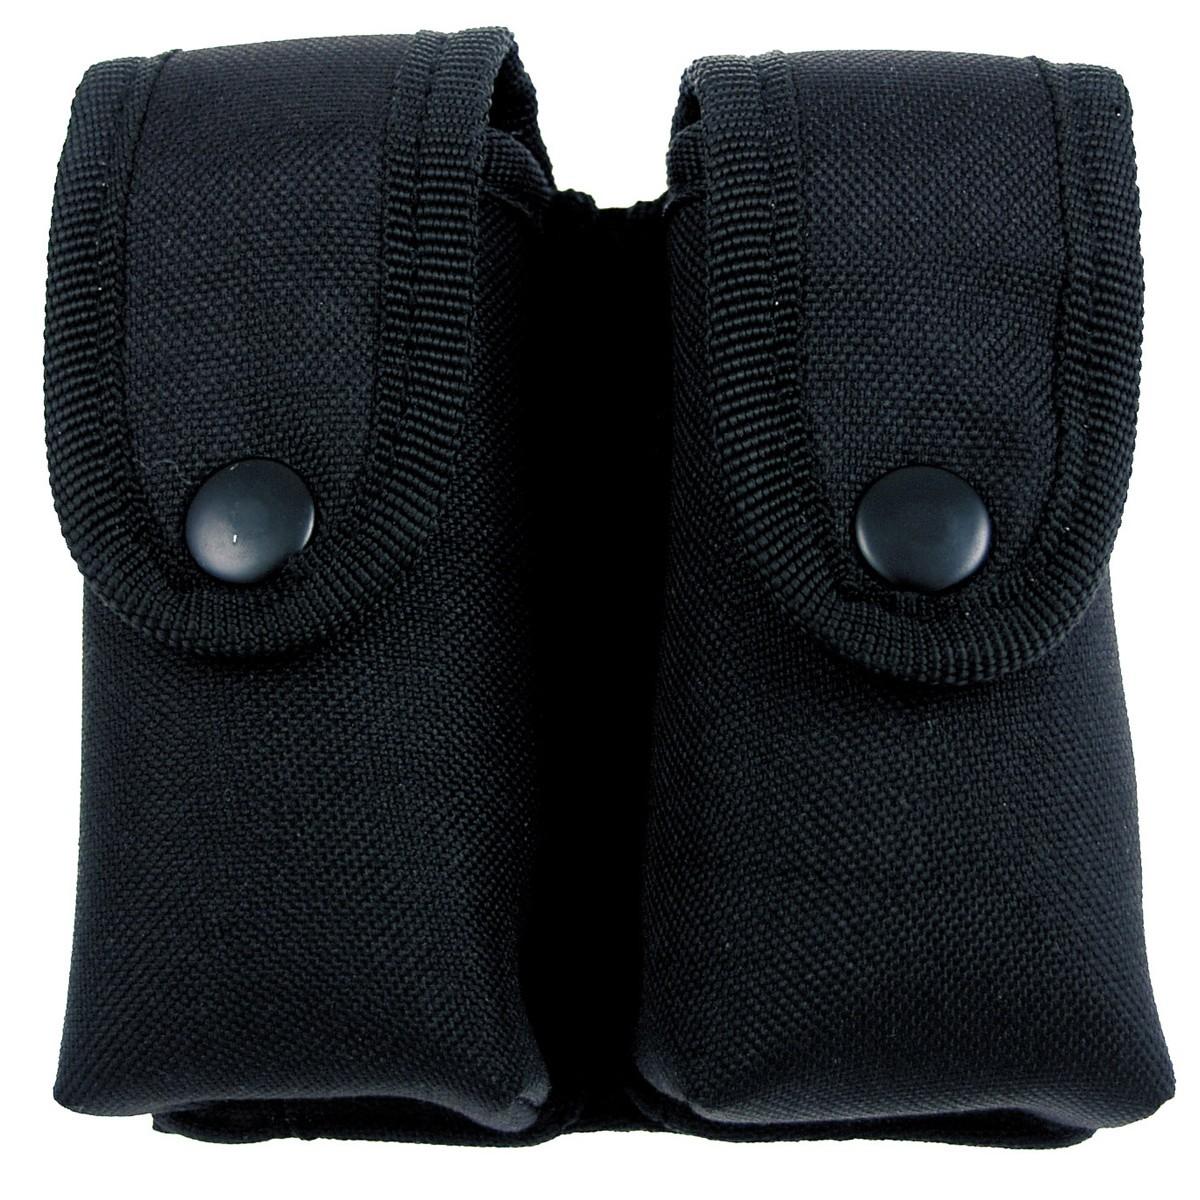 Pouzdro na dva zásobníky MFH Security - černé